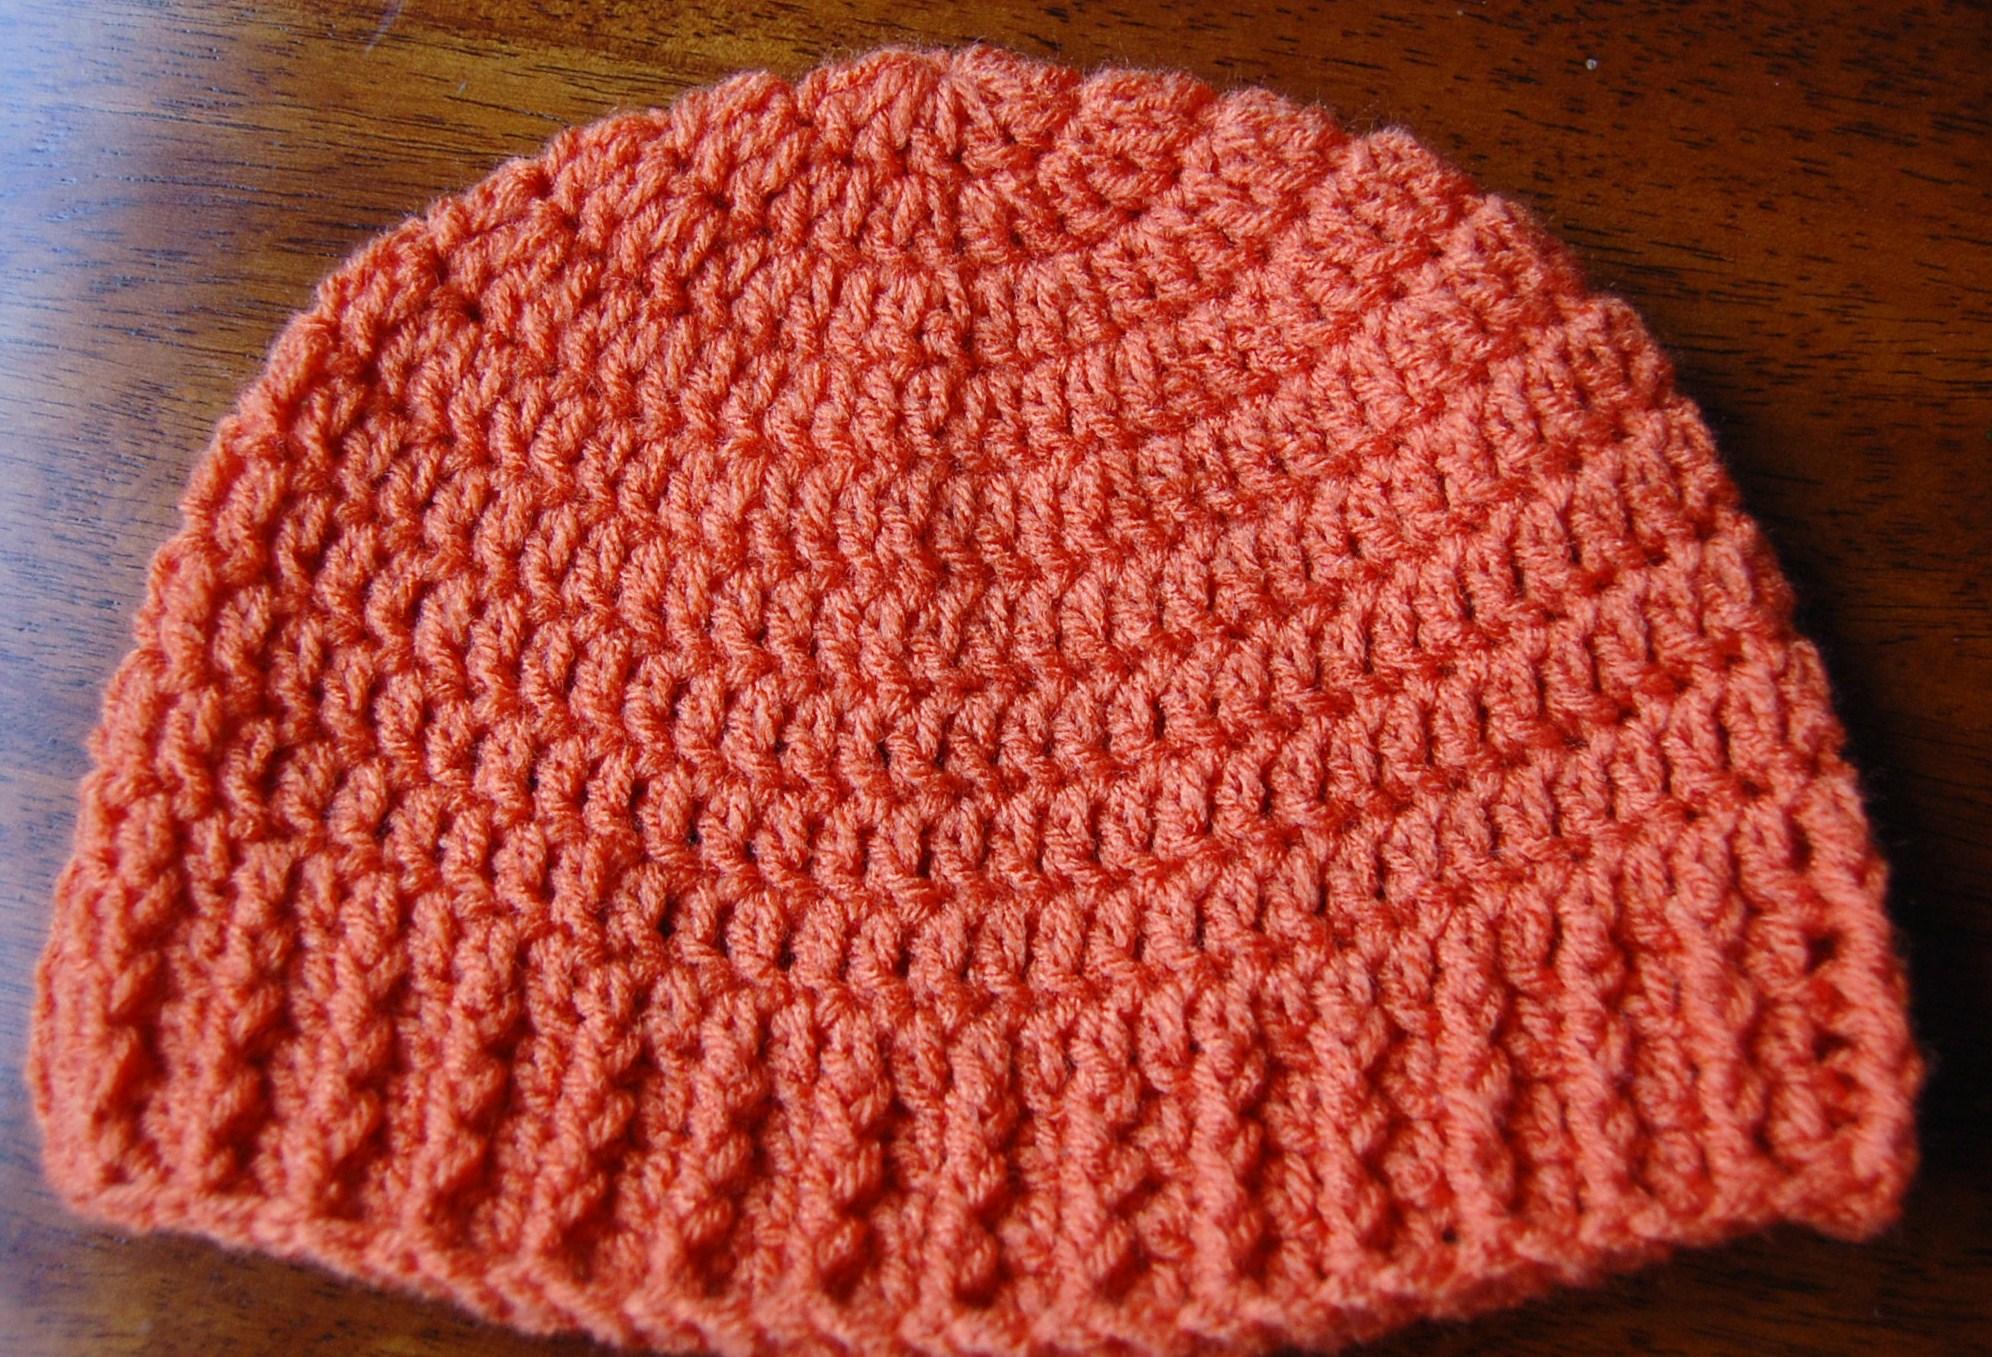 Free Crochet Patterns Mens Hats : Free Crochet Mens Hat Pattern JJCrochet